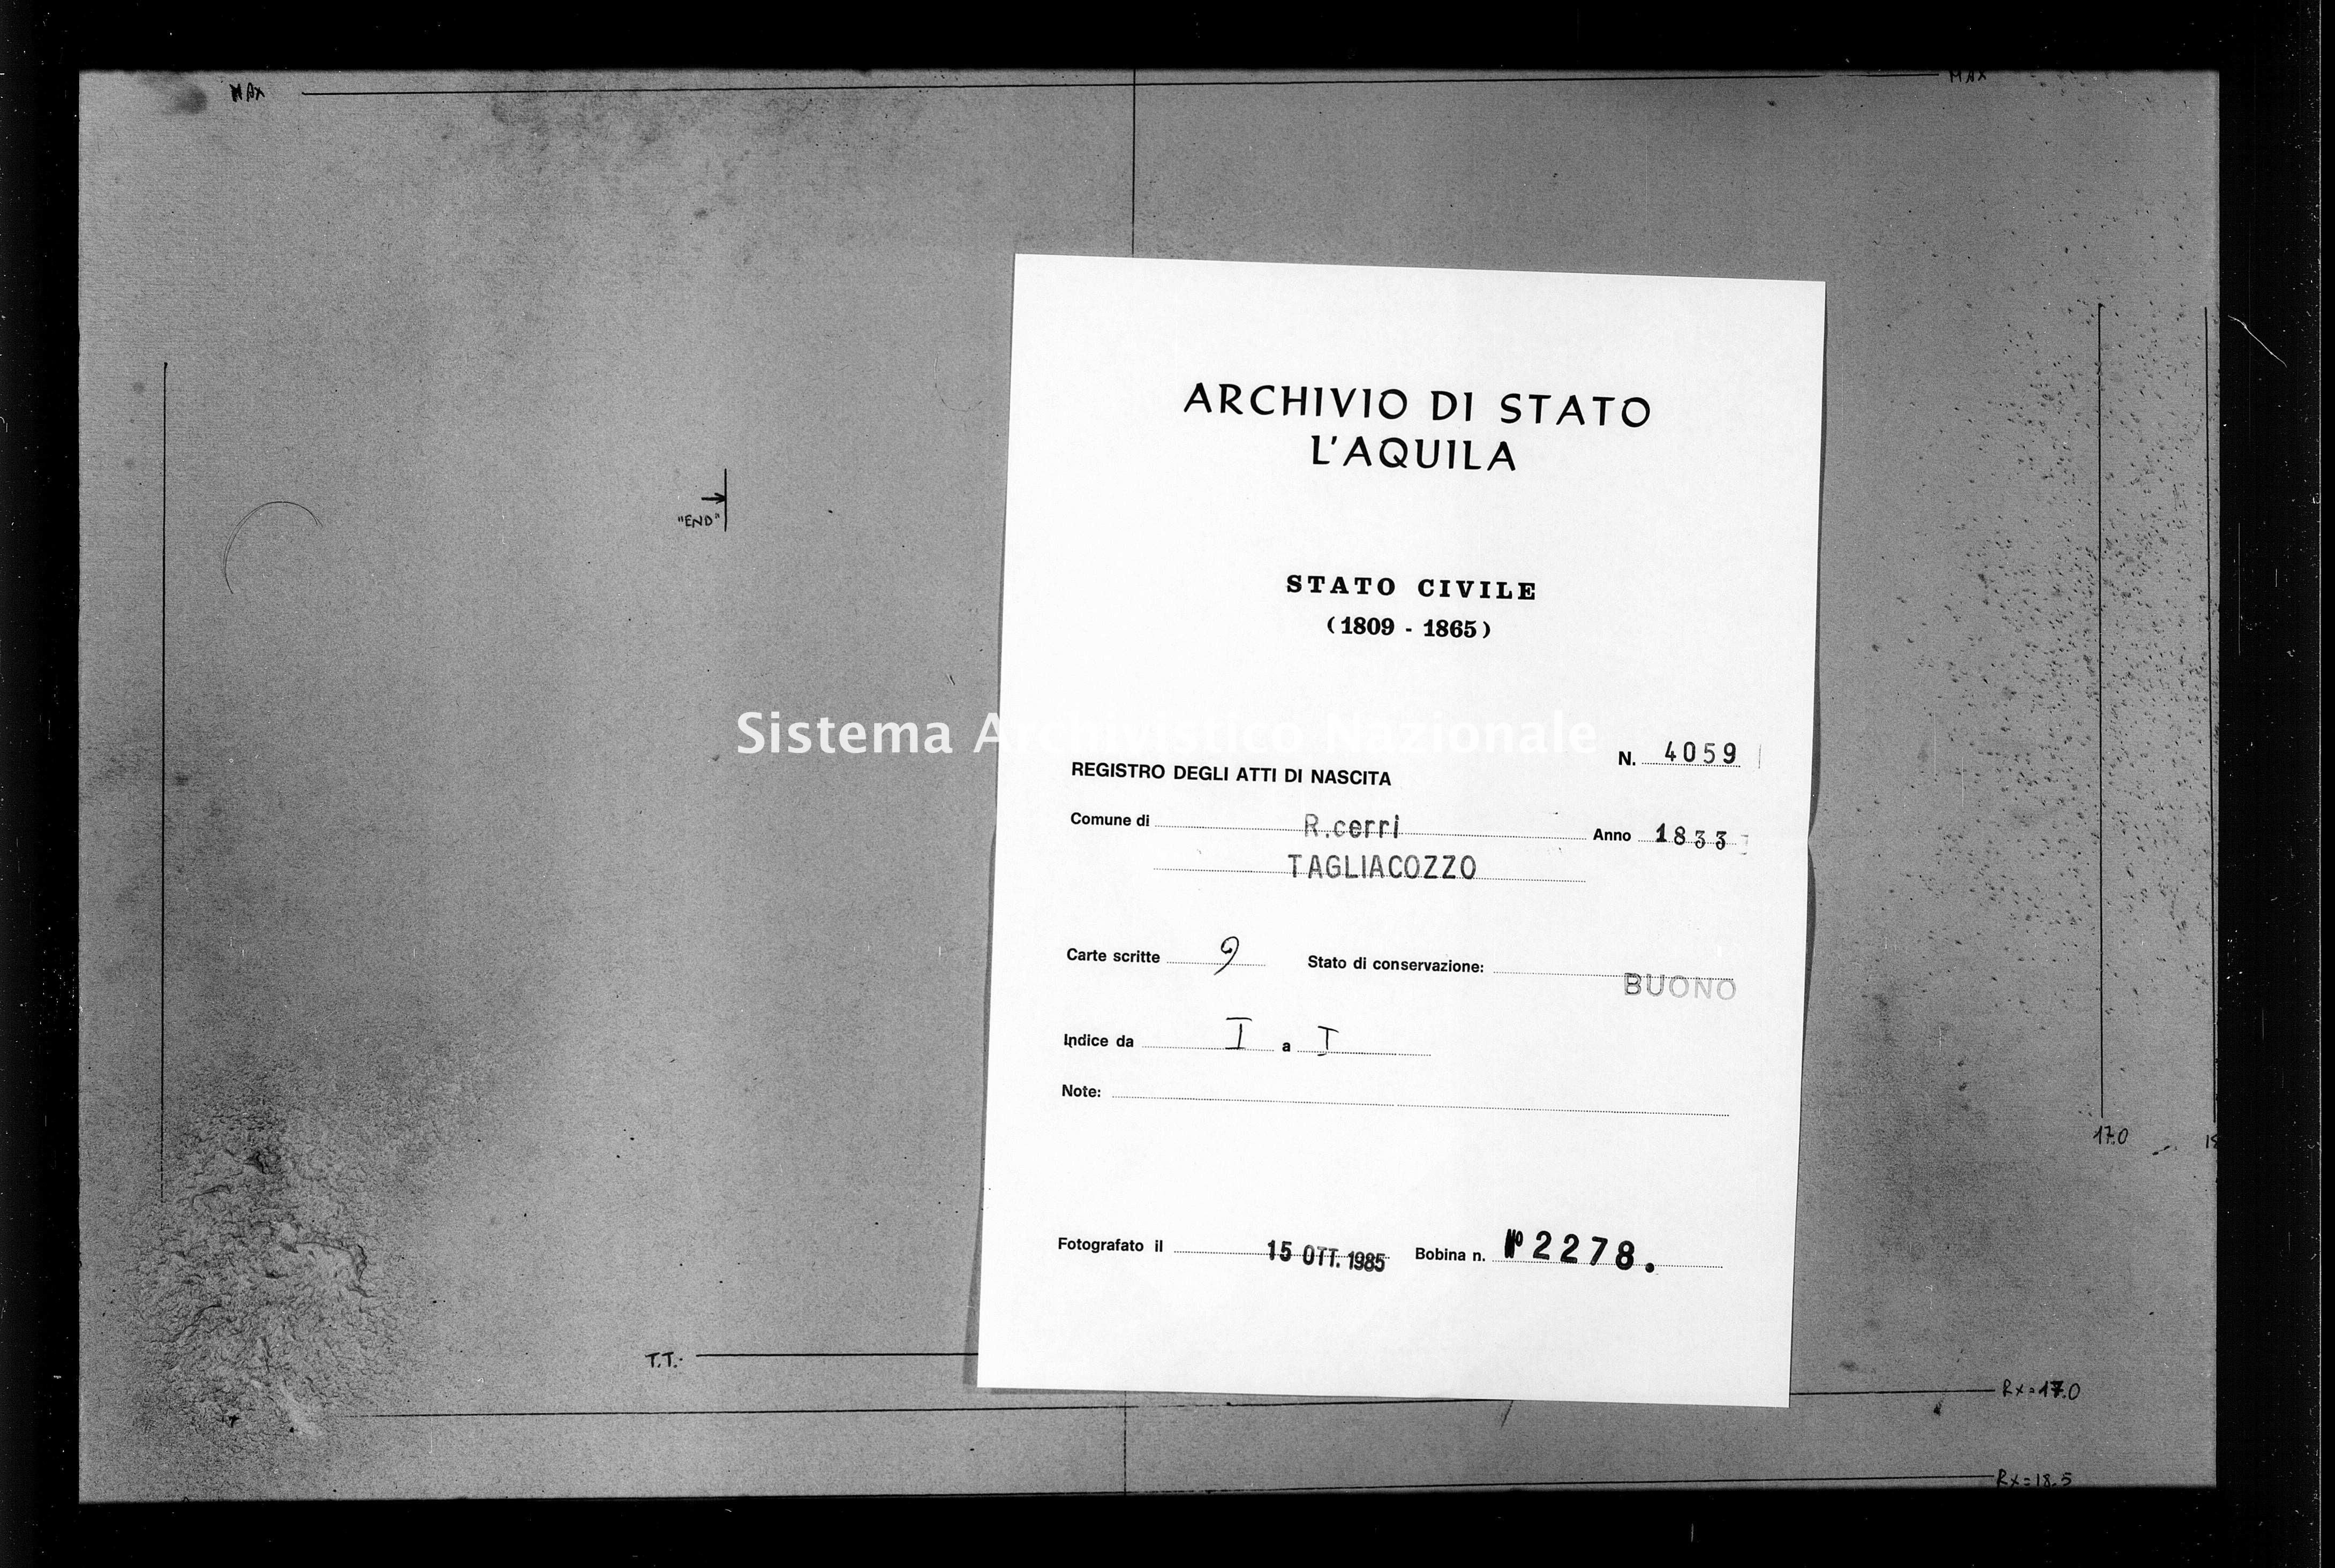 Archivio di stato di L'aquila - Stato civile della restaurazione - Roccacerro - Nati - 1833 - 4059 -